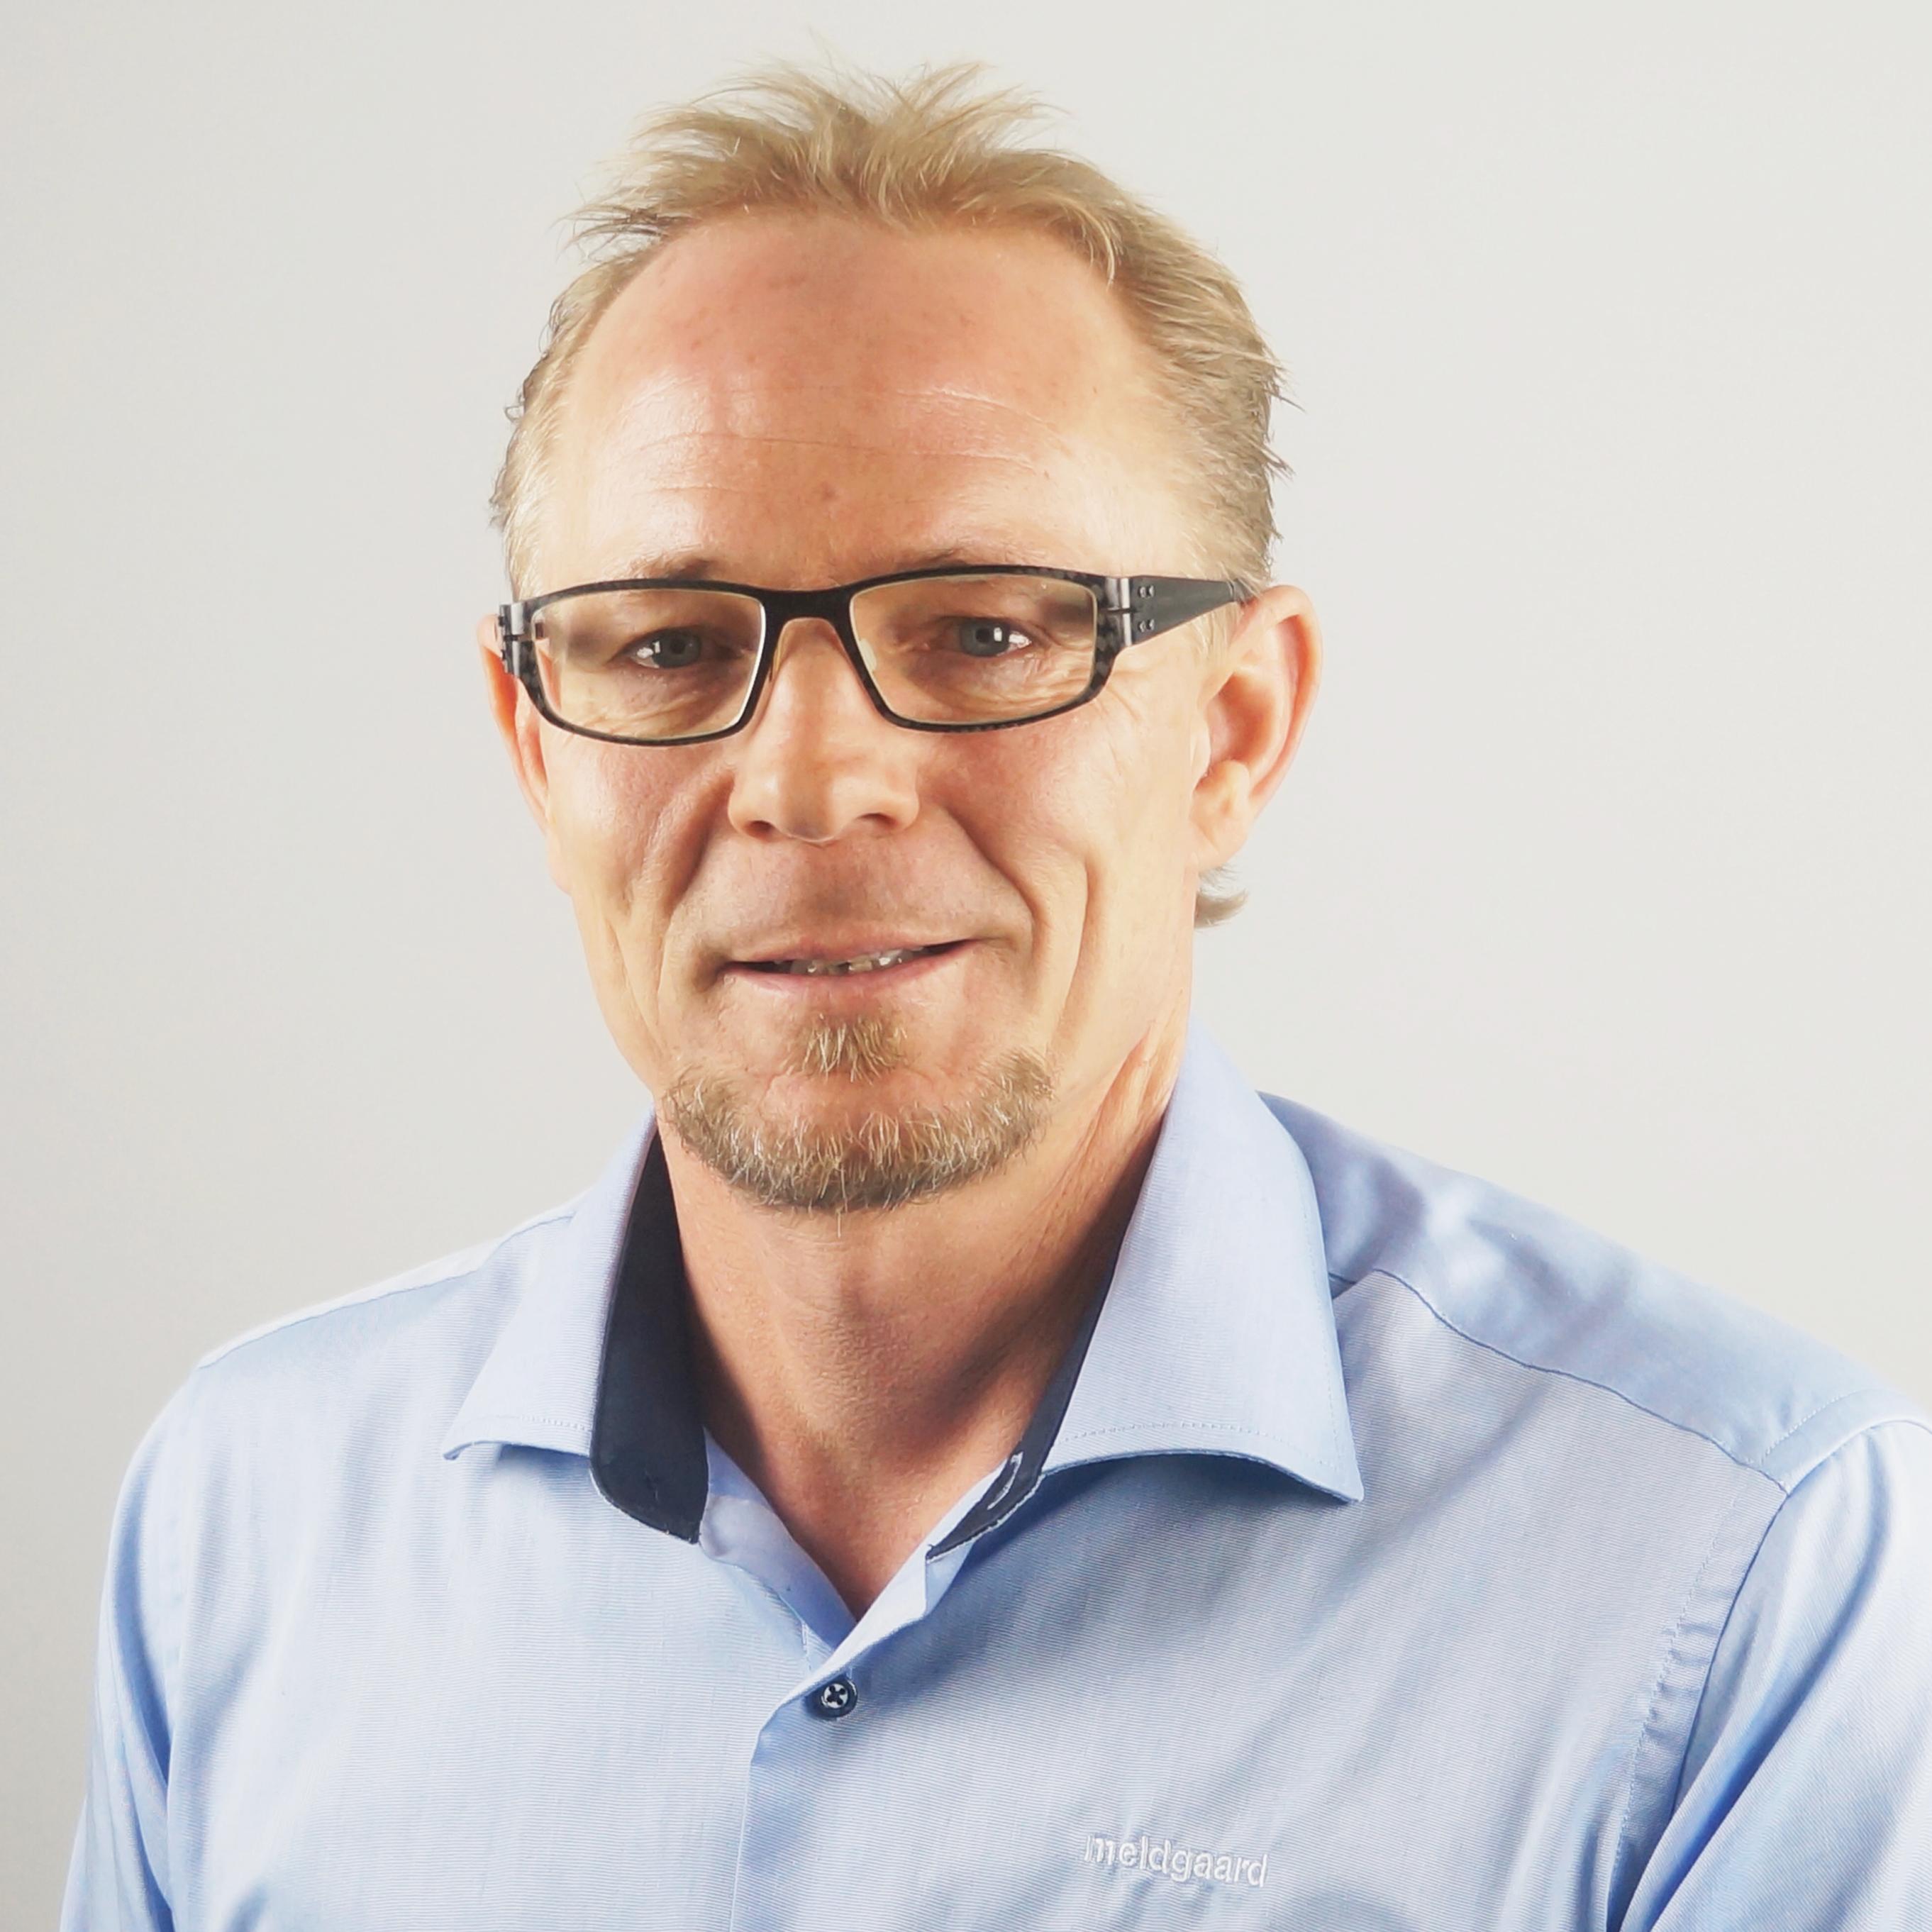 Klaus Meldgaard